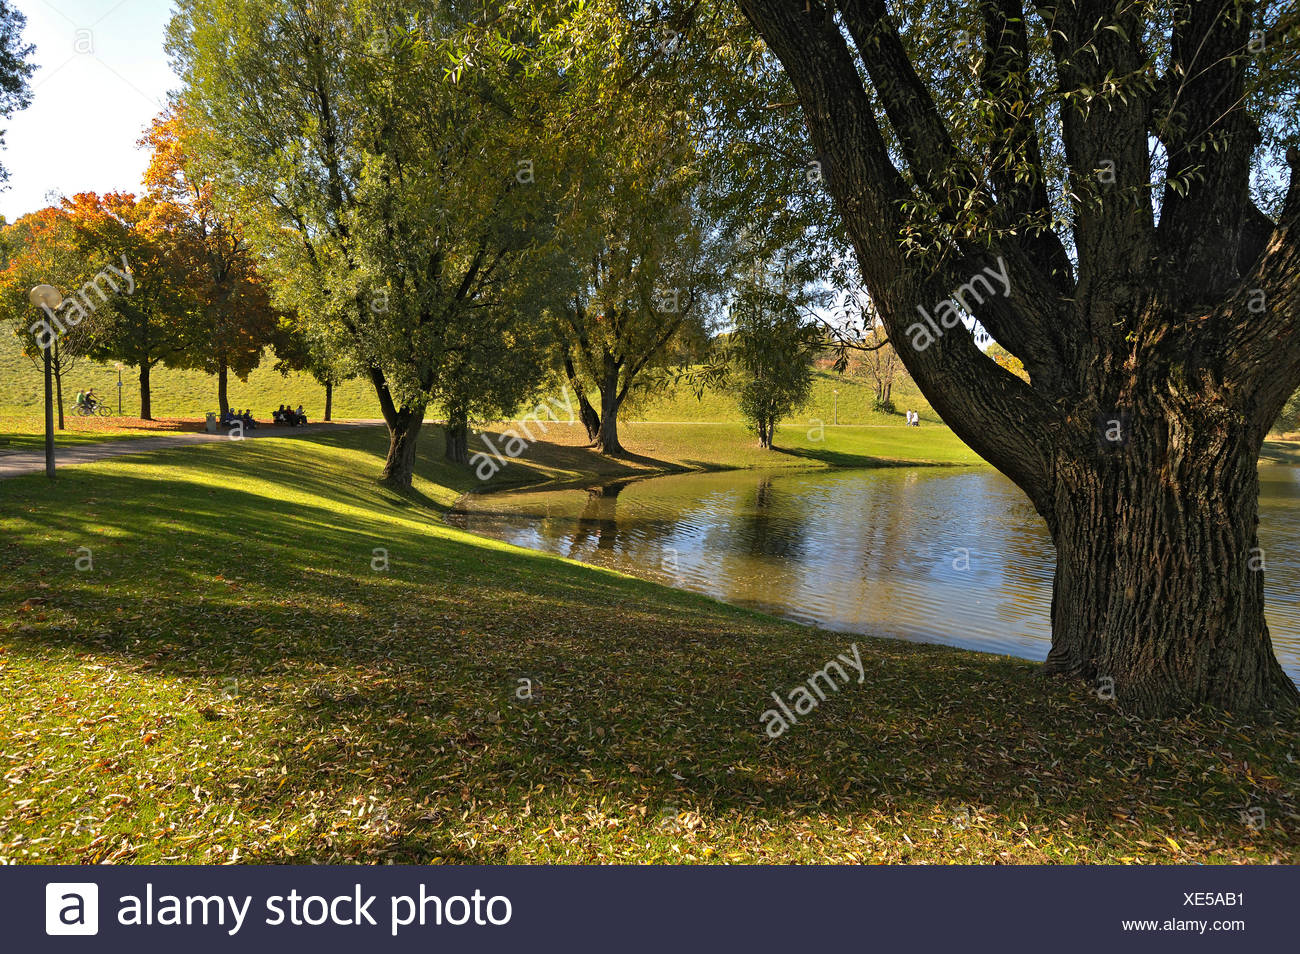 Olympiapark Gärten Mit Weiden Salix Und See Olympiasee